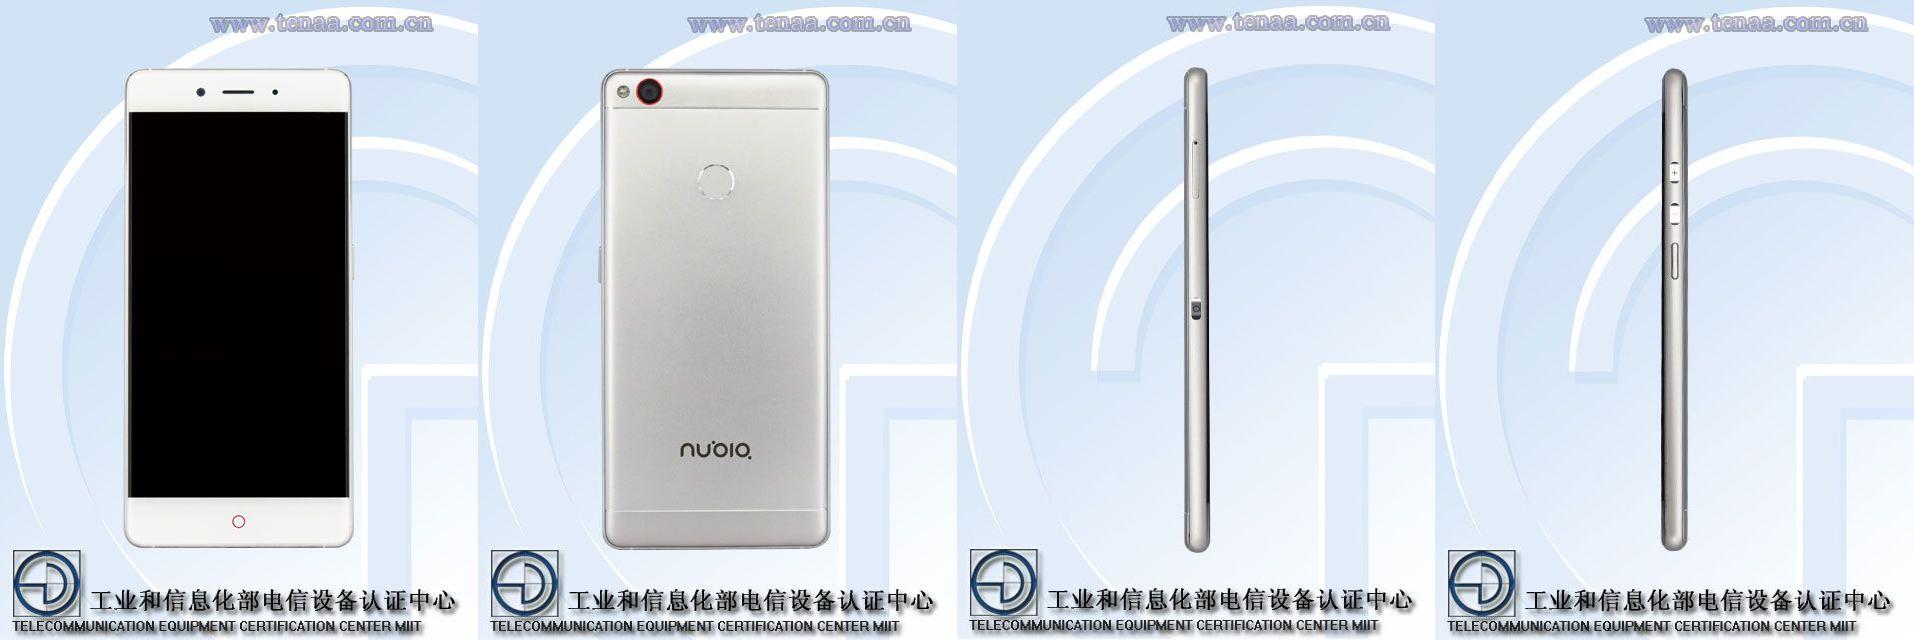 ZTE Nubia X8 e X8 Mini appaiono su TENAA: ecco le caratteristiche emerse